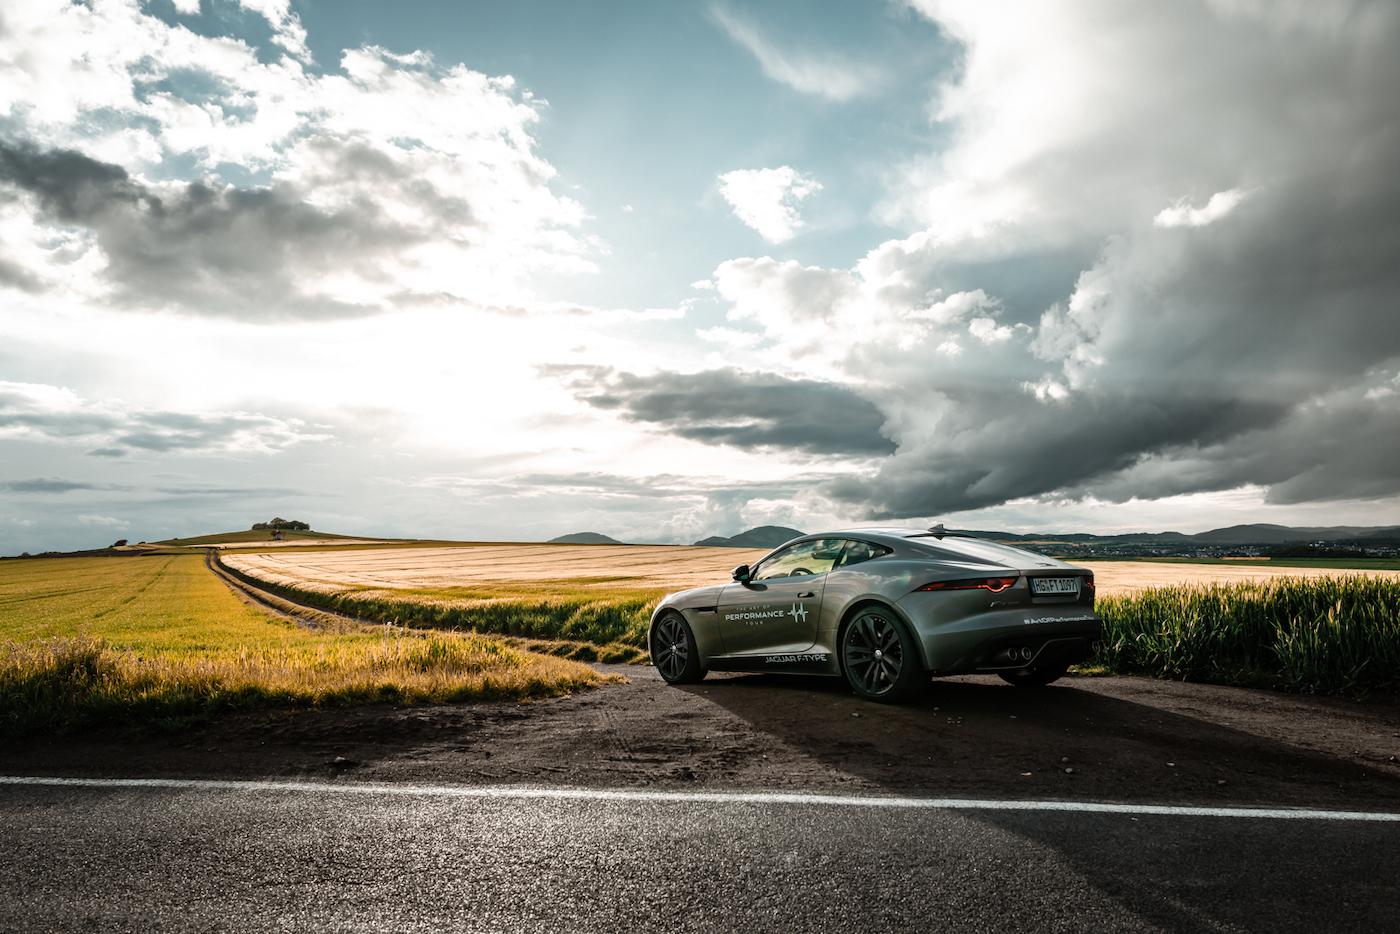 Die Jaguar Art of Performance Tour: Ein einzigartiges Fahrerlebnis auf einem Flugplatz 9